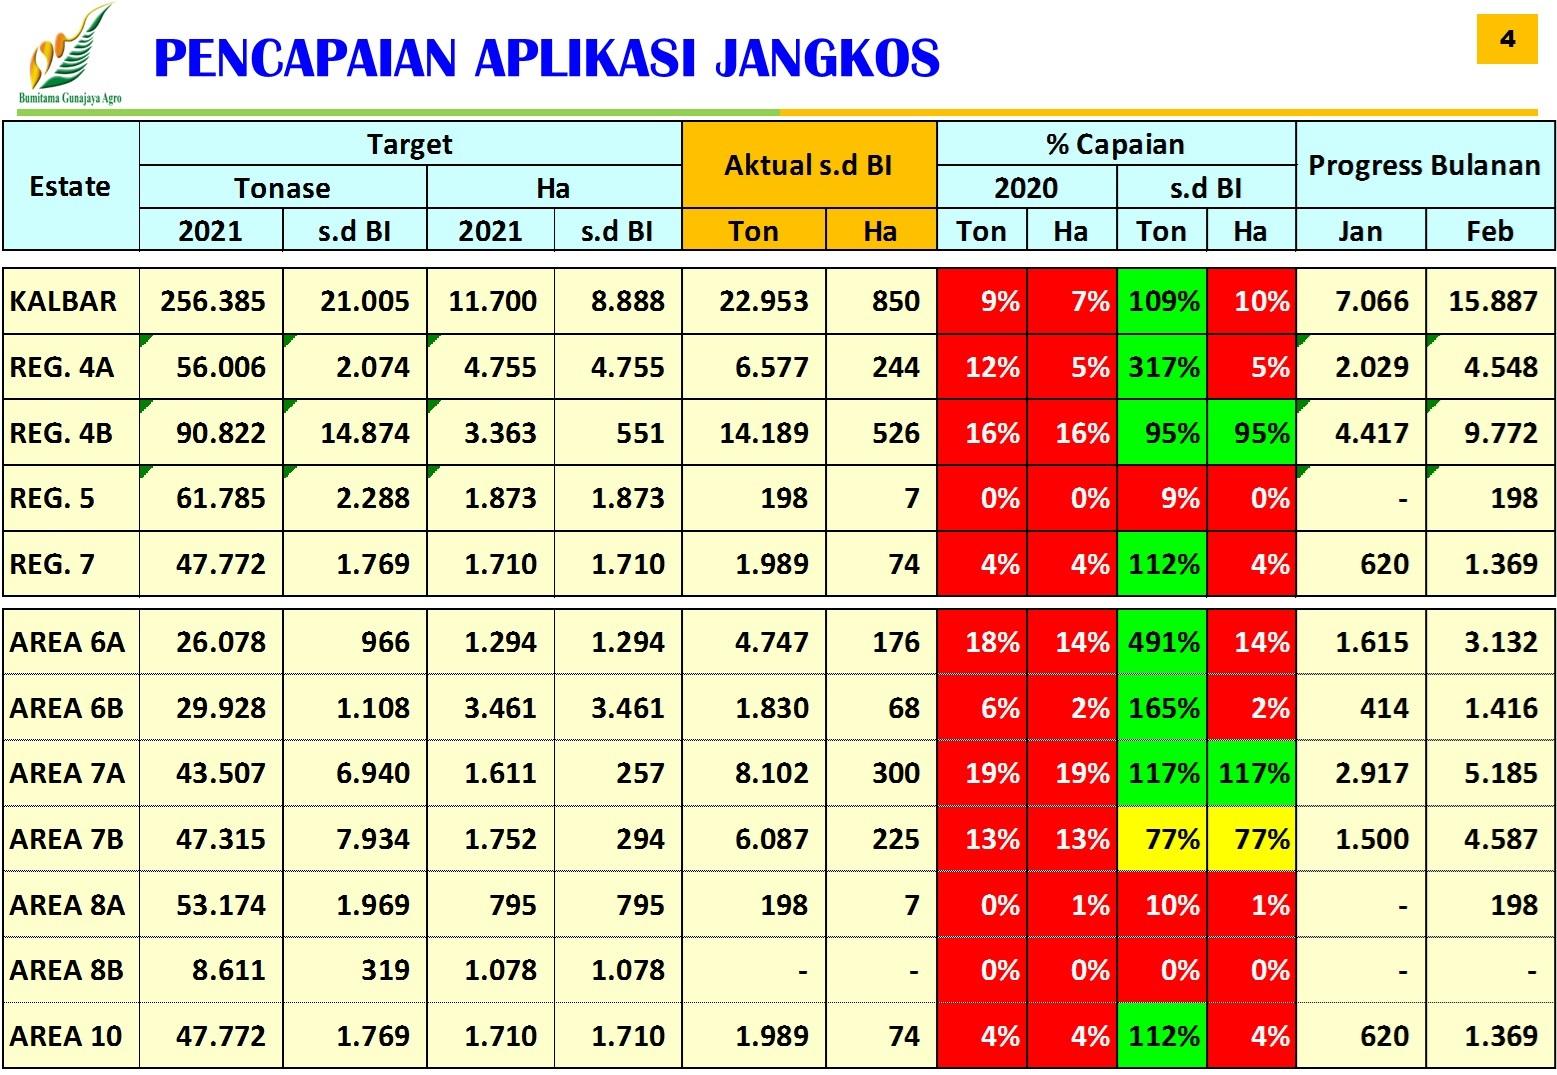 Pencapaian Aplikasi Jankos Region KalBar Periode Februari 2021